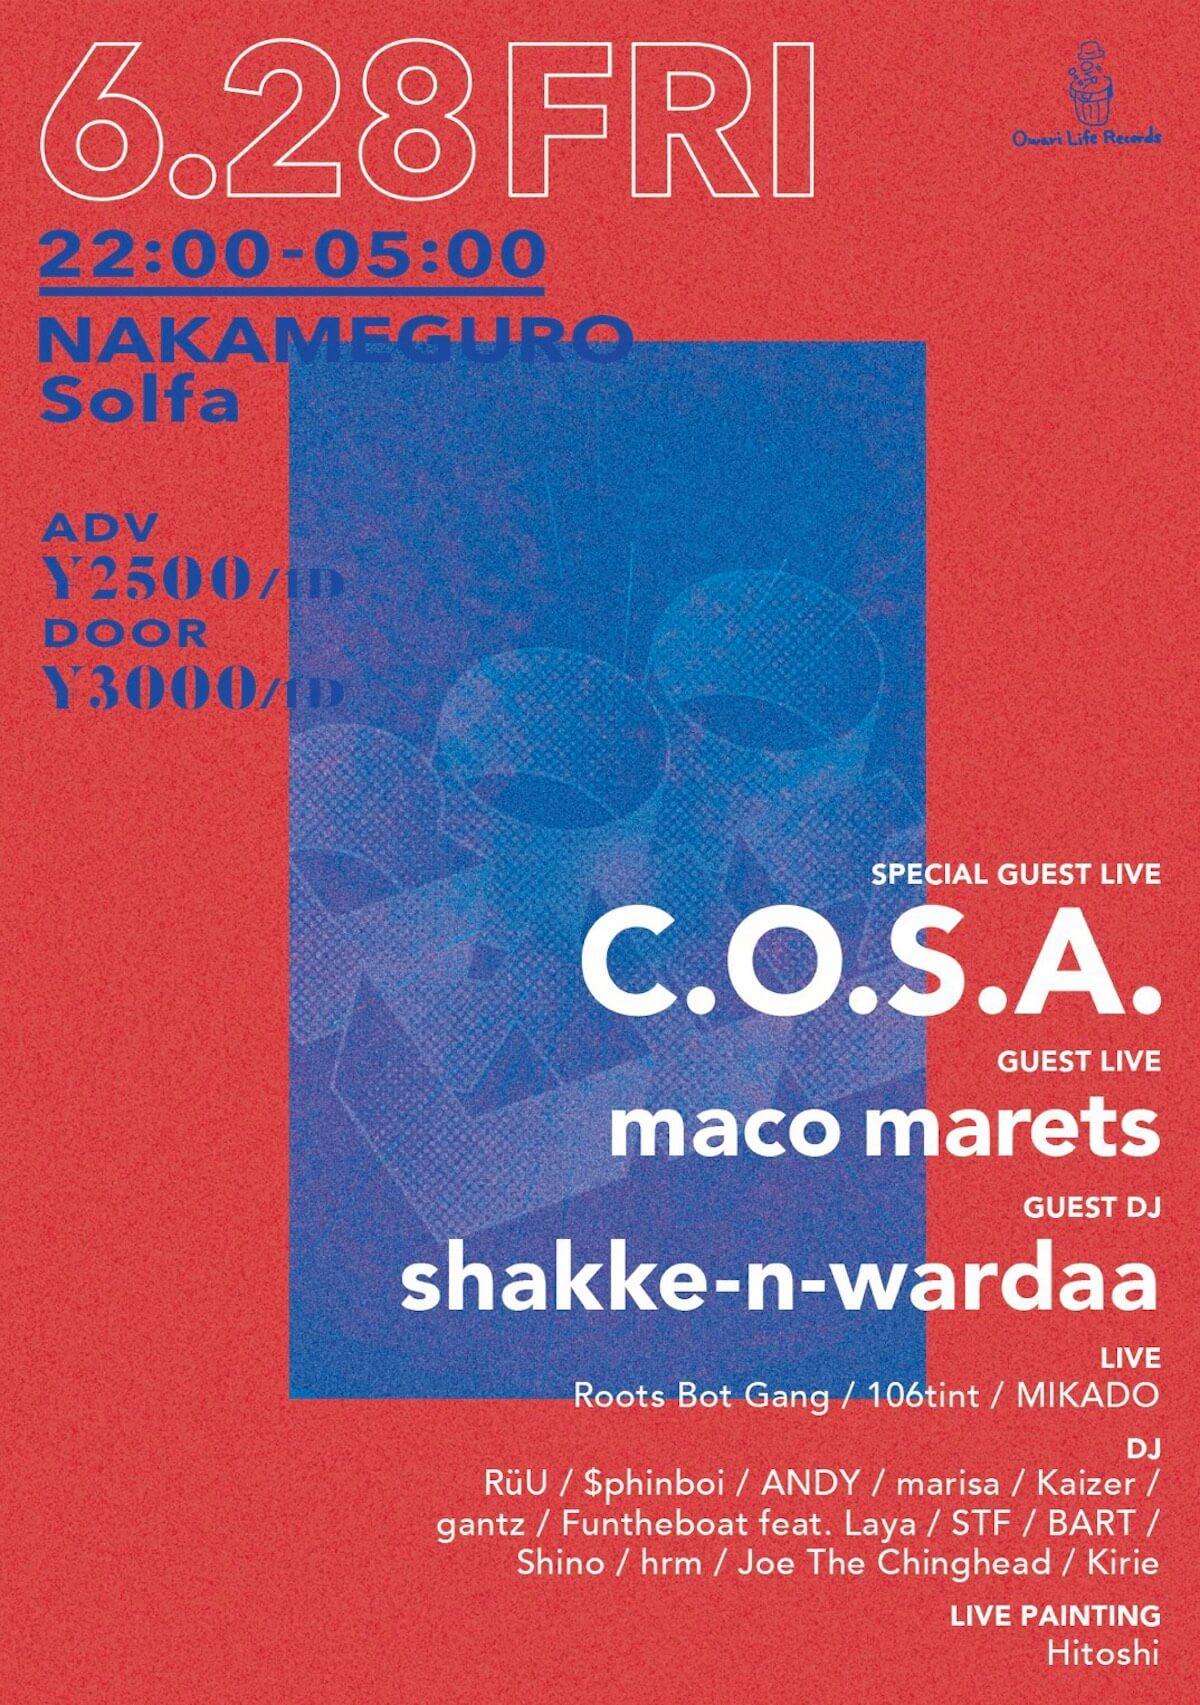 「部屋を抜け出して、パーティーへ」がコンセプトのイベント<ROOMIE>にC.O.S.A.、maco marets、shakke-n-wardaaらが登場 music190611-roomie